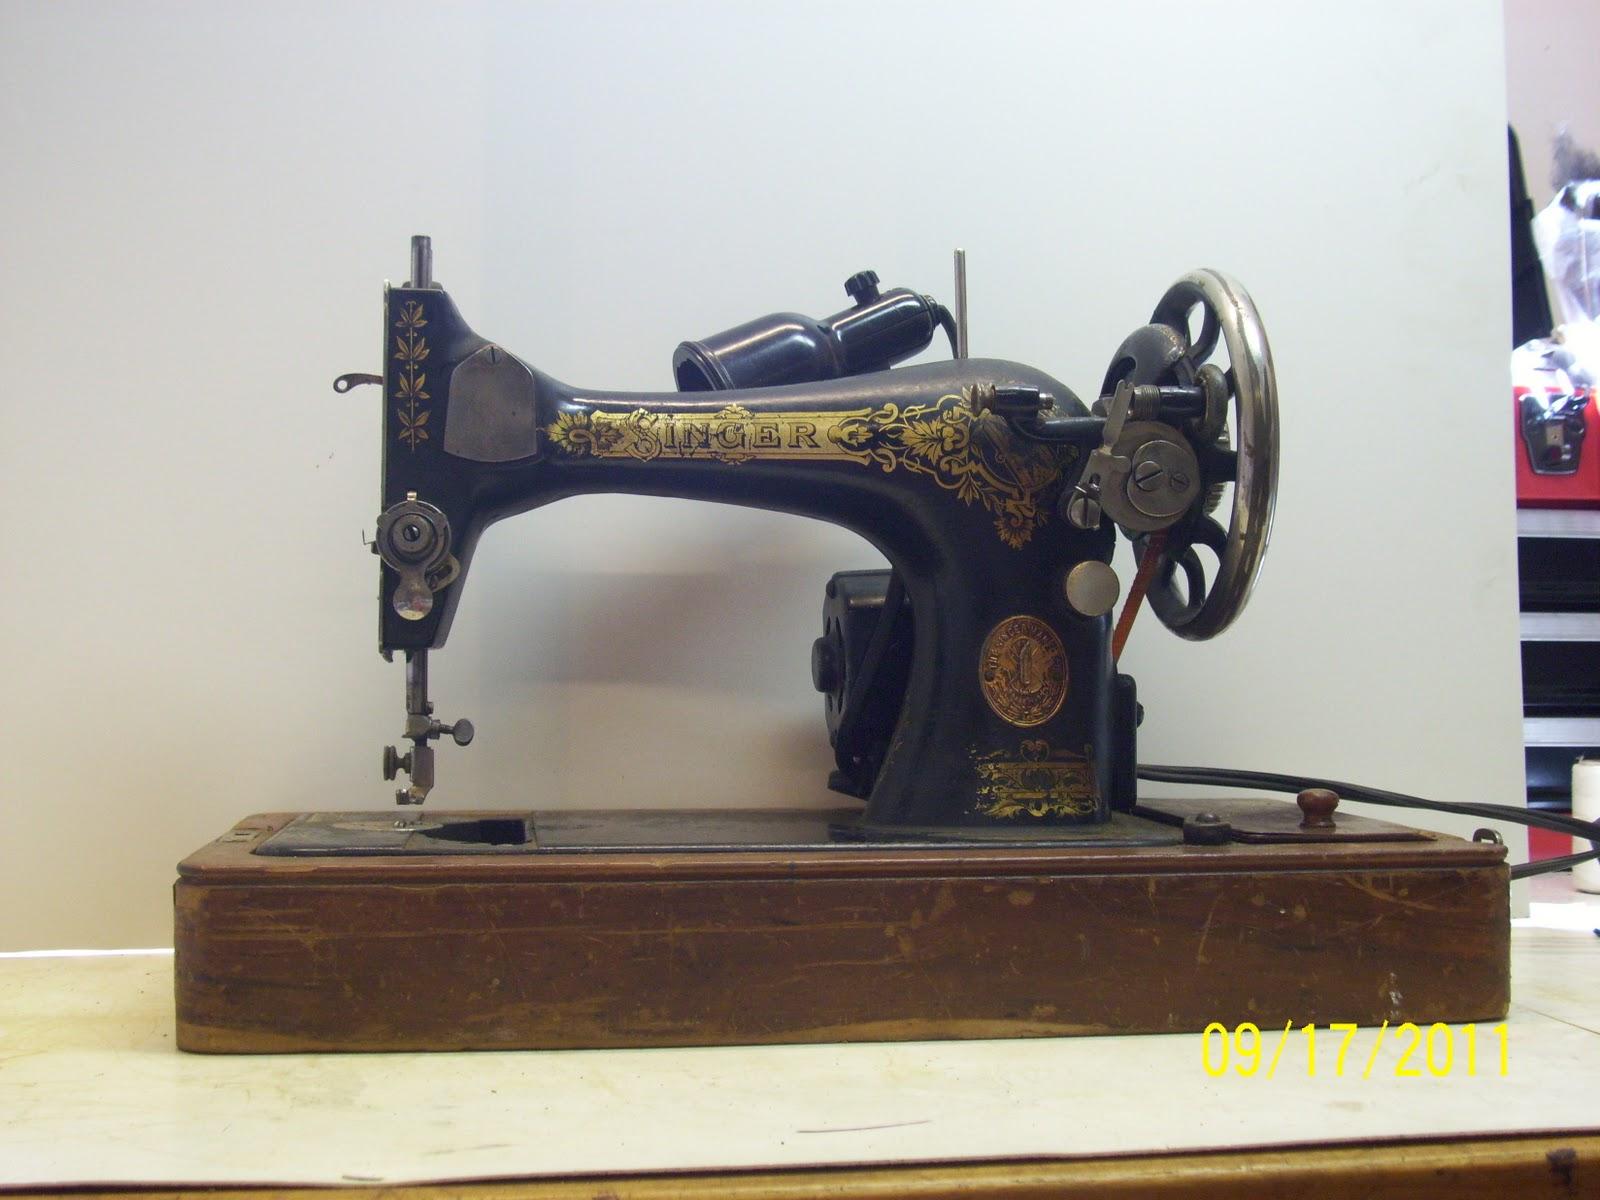 singer 128 sewing machine